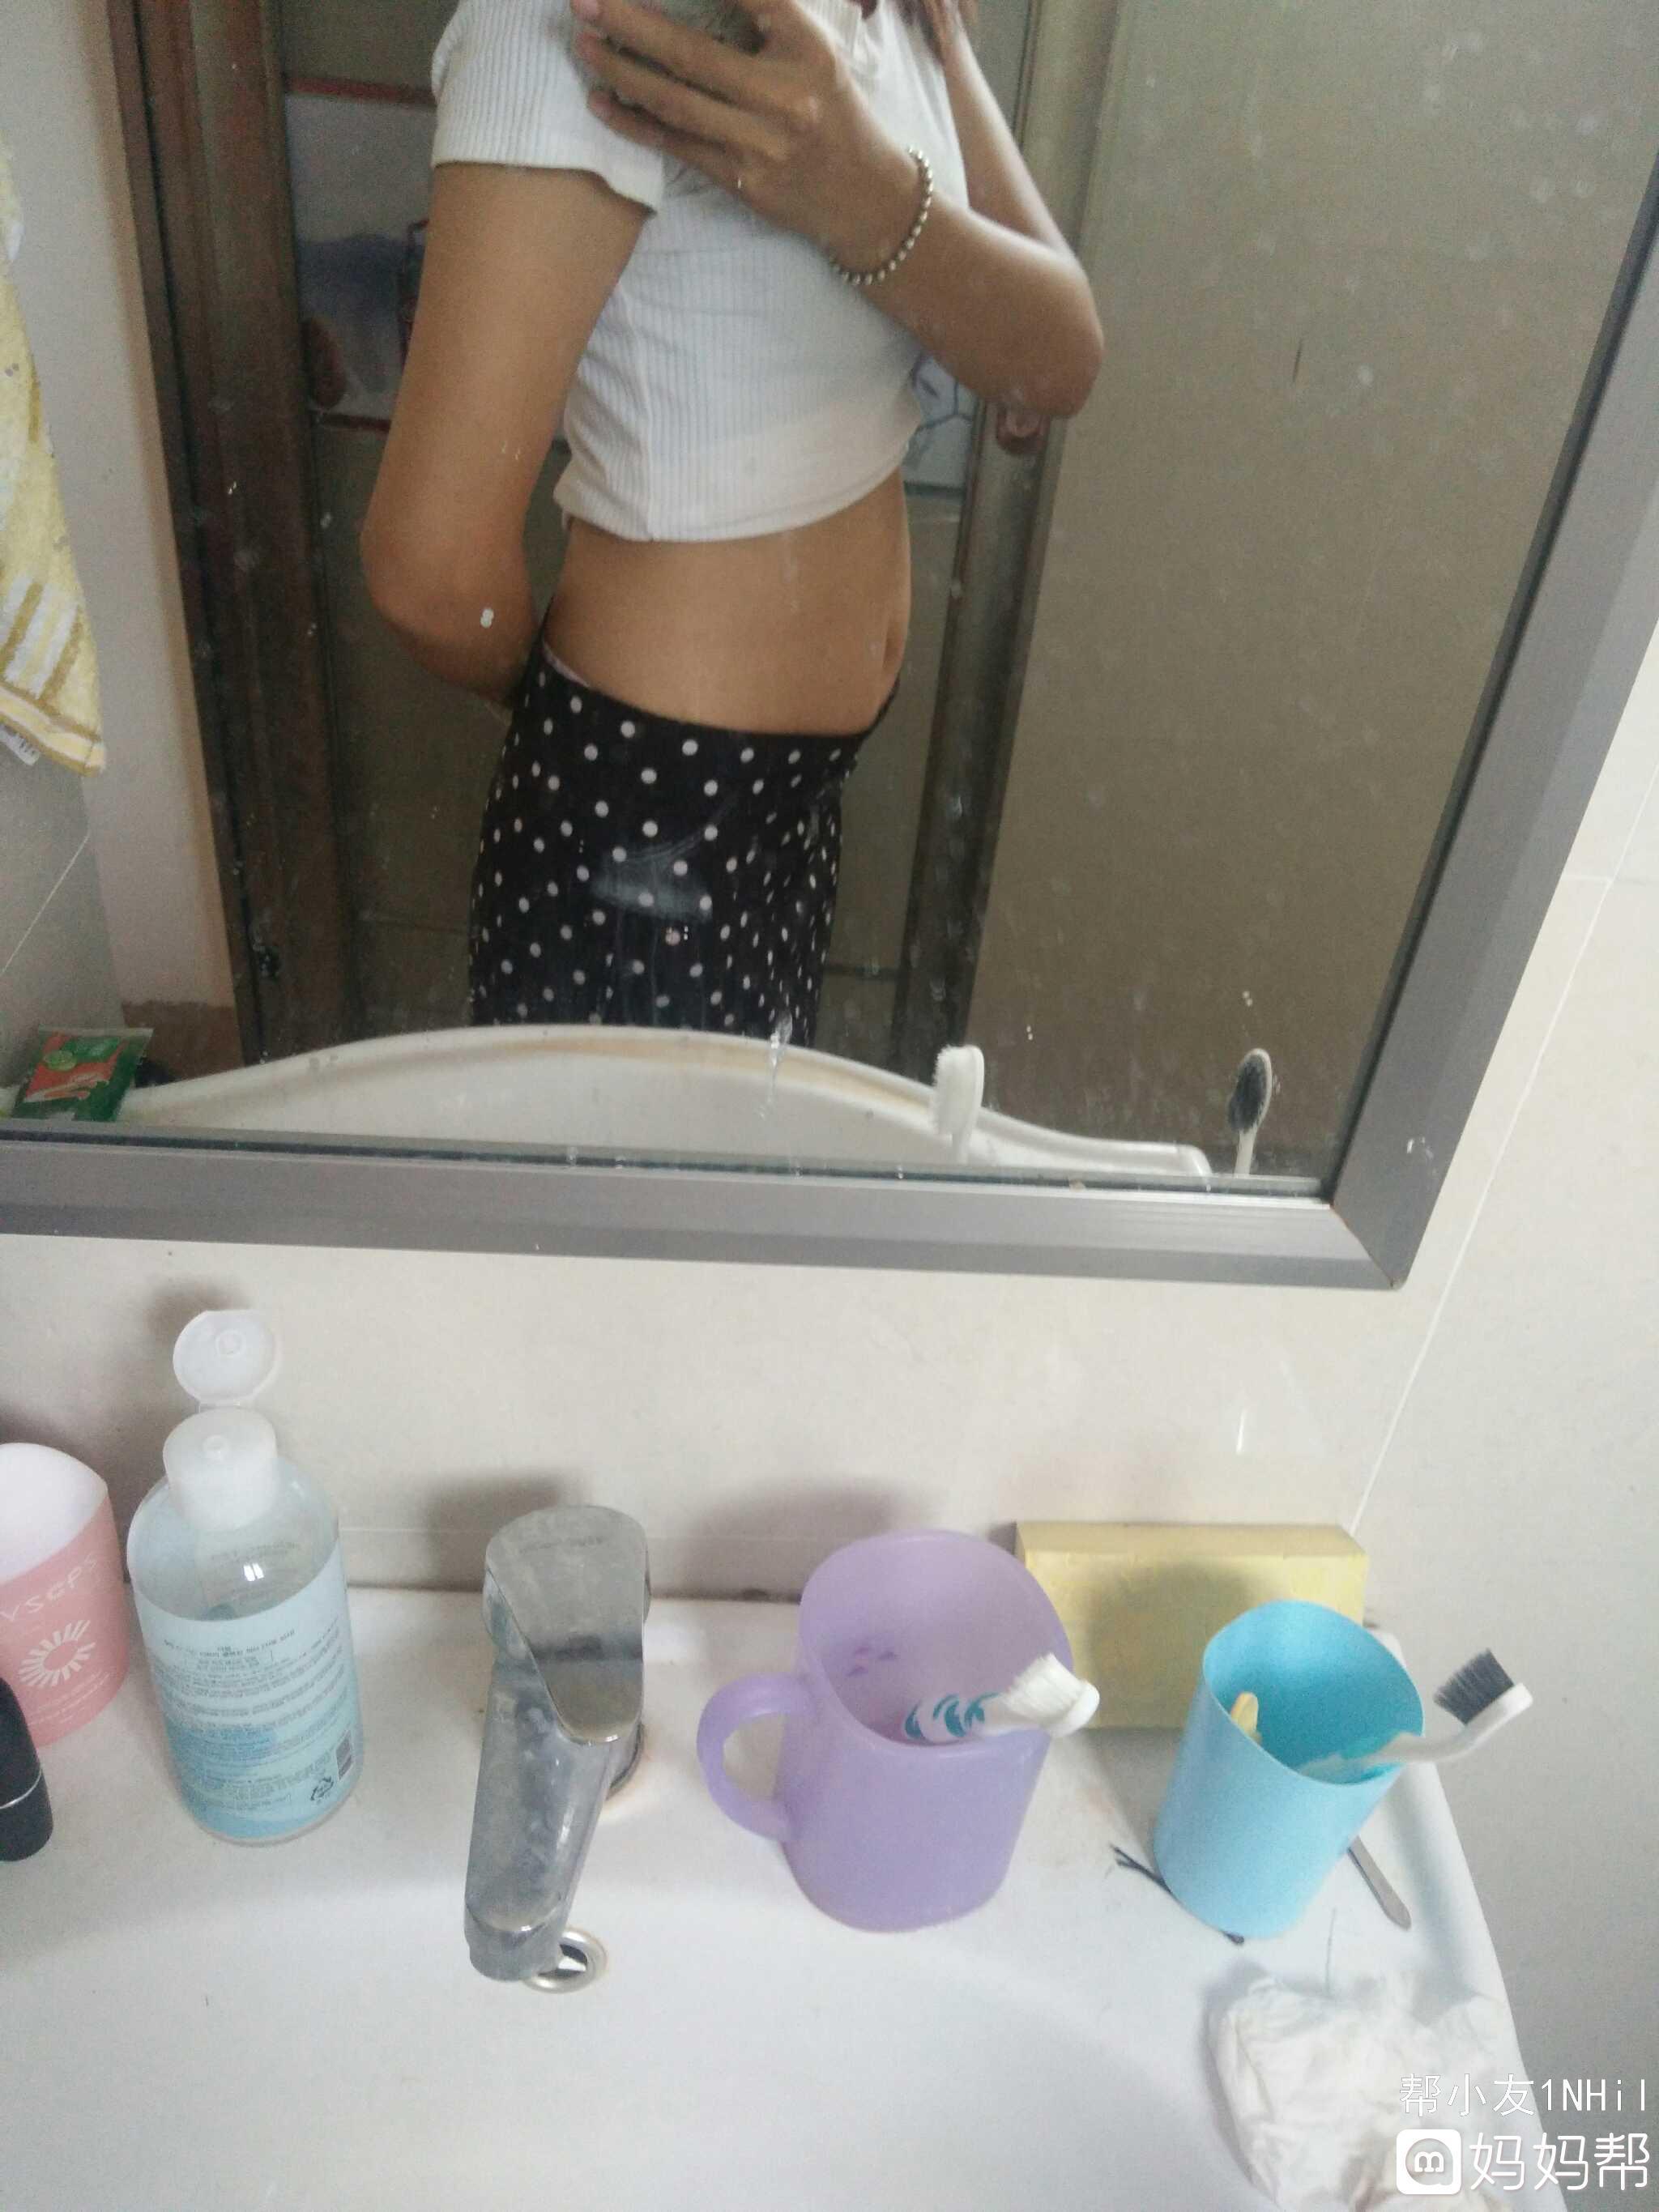 怀孕一个月的肚子_怀孕一个月,刚吃饱,这样肚子会不会太大了 - 优生备孕帮 - 妈妈帮